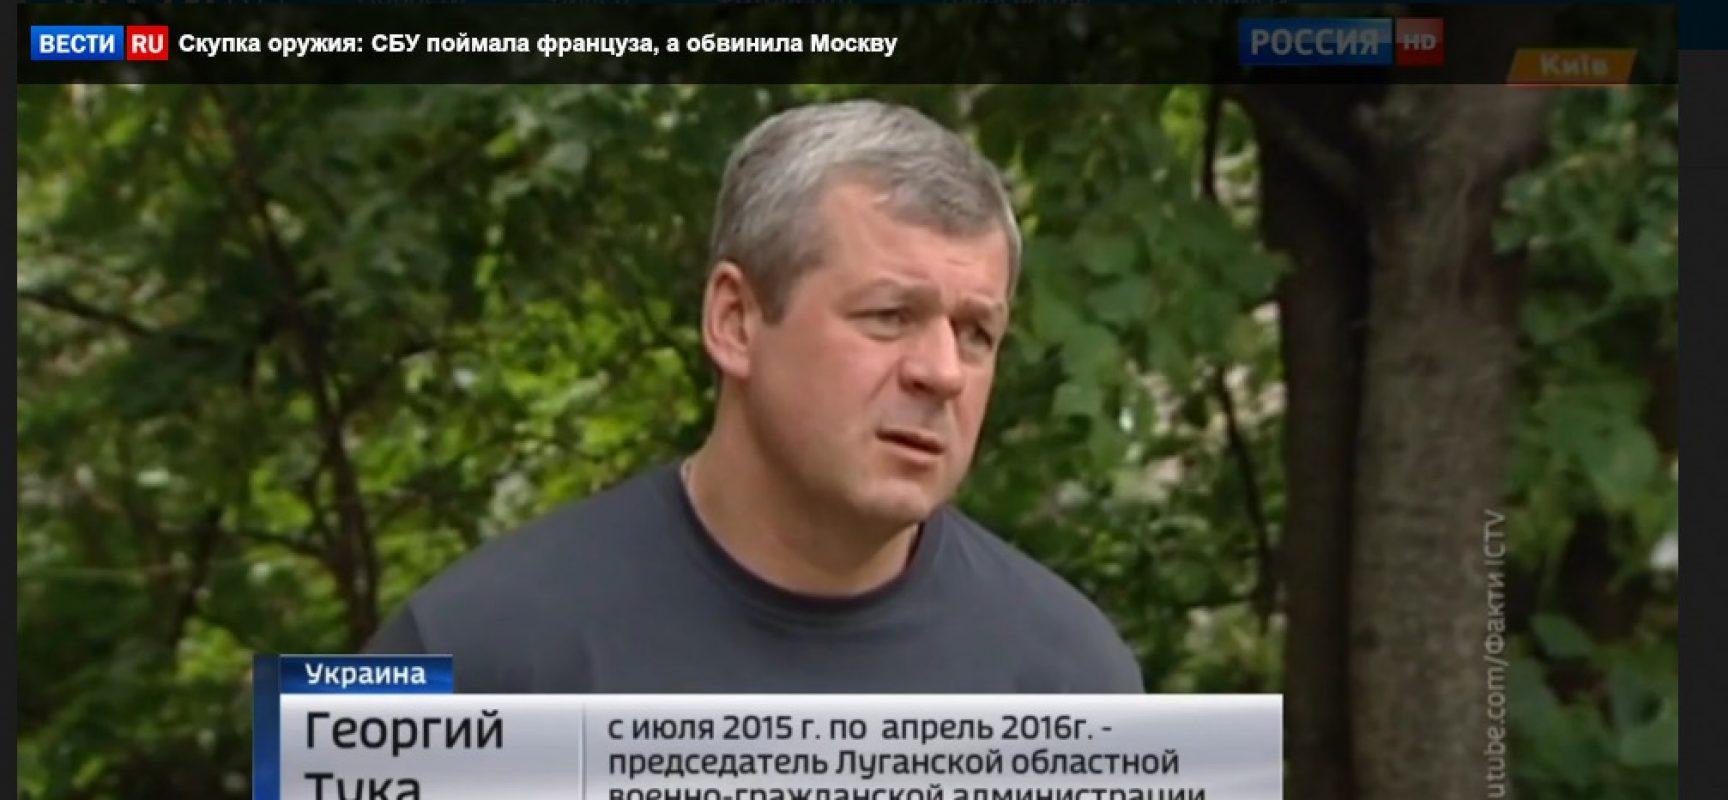 """Nel programma di Dmitry Kiselyov """"hanno scambiato"""" Georgiy Tuka con un'altra persona"""